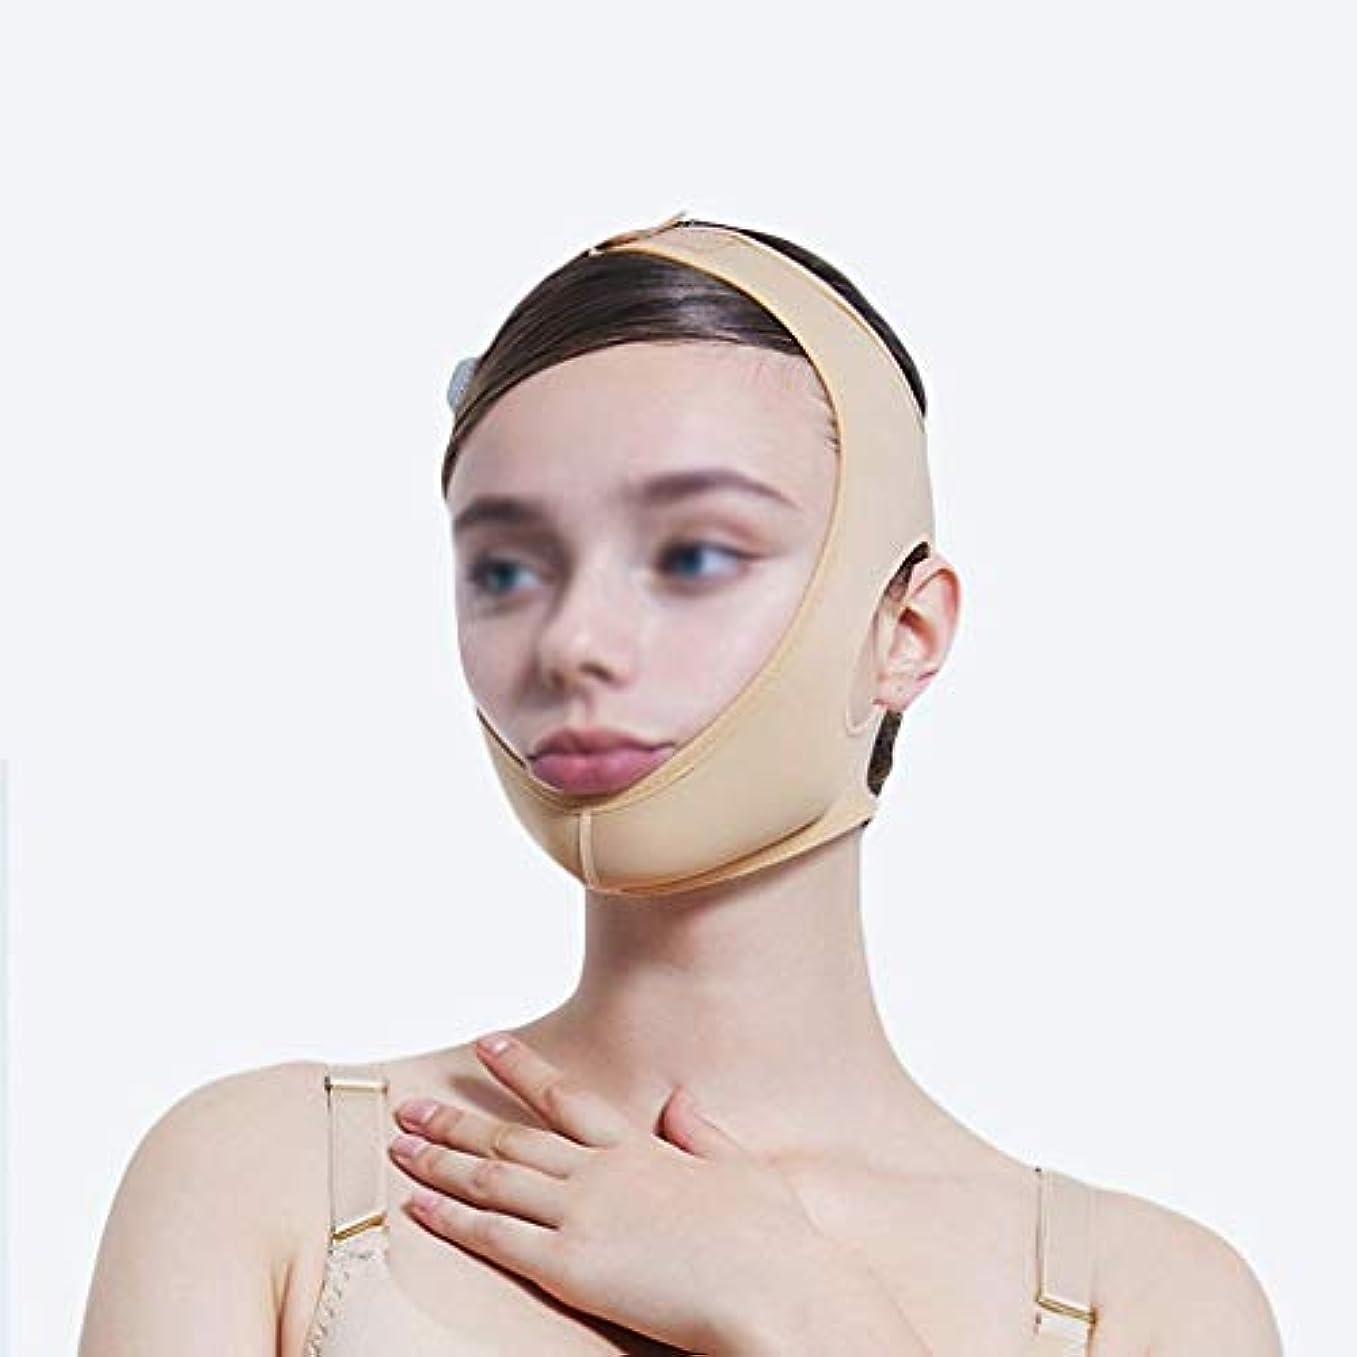 含む分泌するしかしながらフェイシャルライン、頬、しわ防止フェイシャル減量、フェイスバンド、フェイスマスク、フェイスリフティング、通気性、ダブルチンストラップ(サイズ:XXL),S